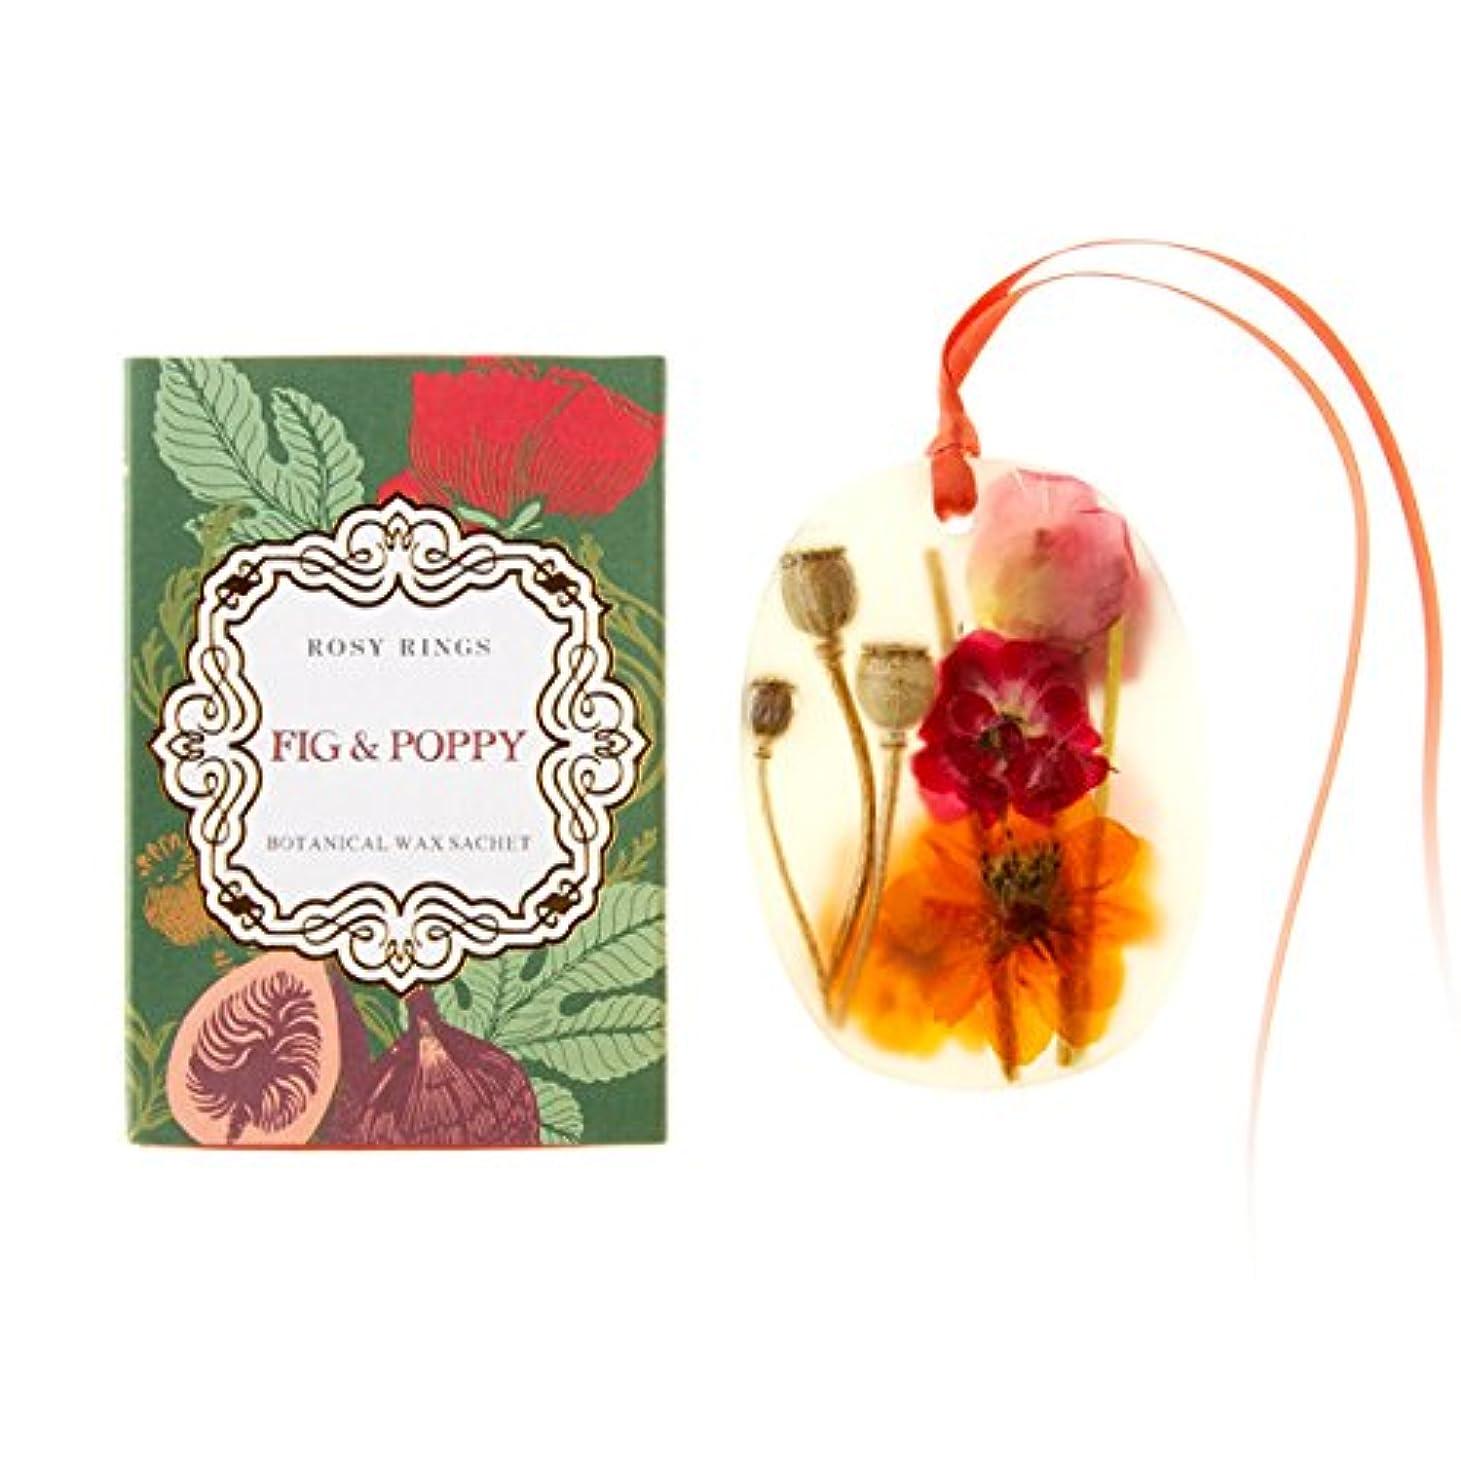 盆うつ誤ロージーリングス プティボタニカルサシェ フィグ&ポピー ROSY RINGS Petite Oval Botanical Wax Sachet Fig & Poppy